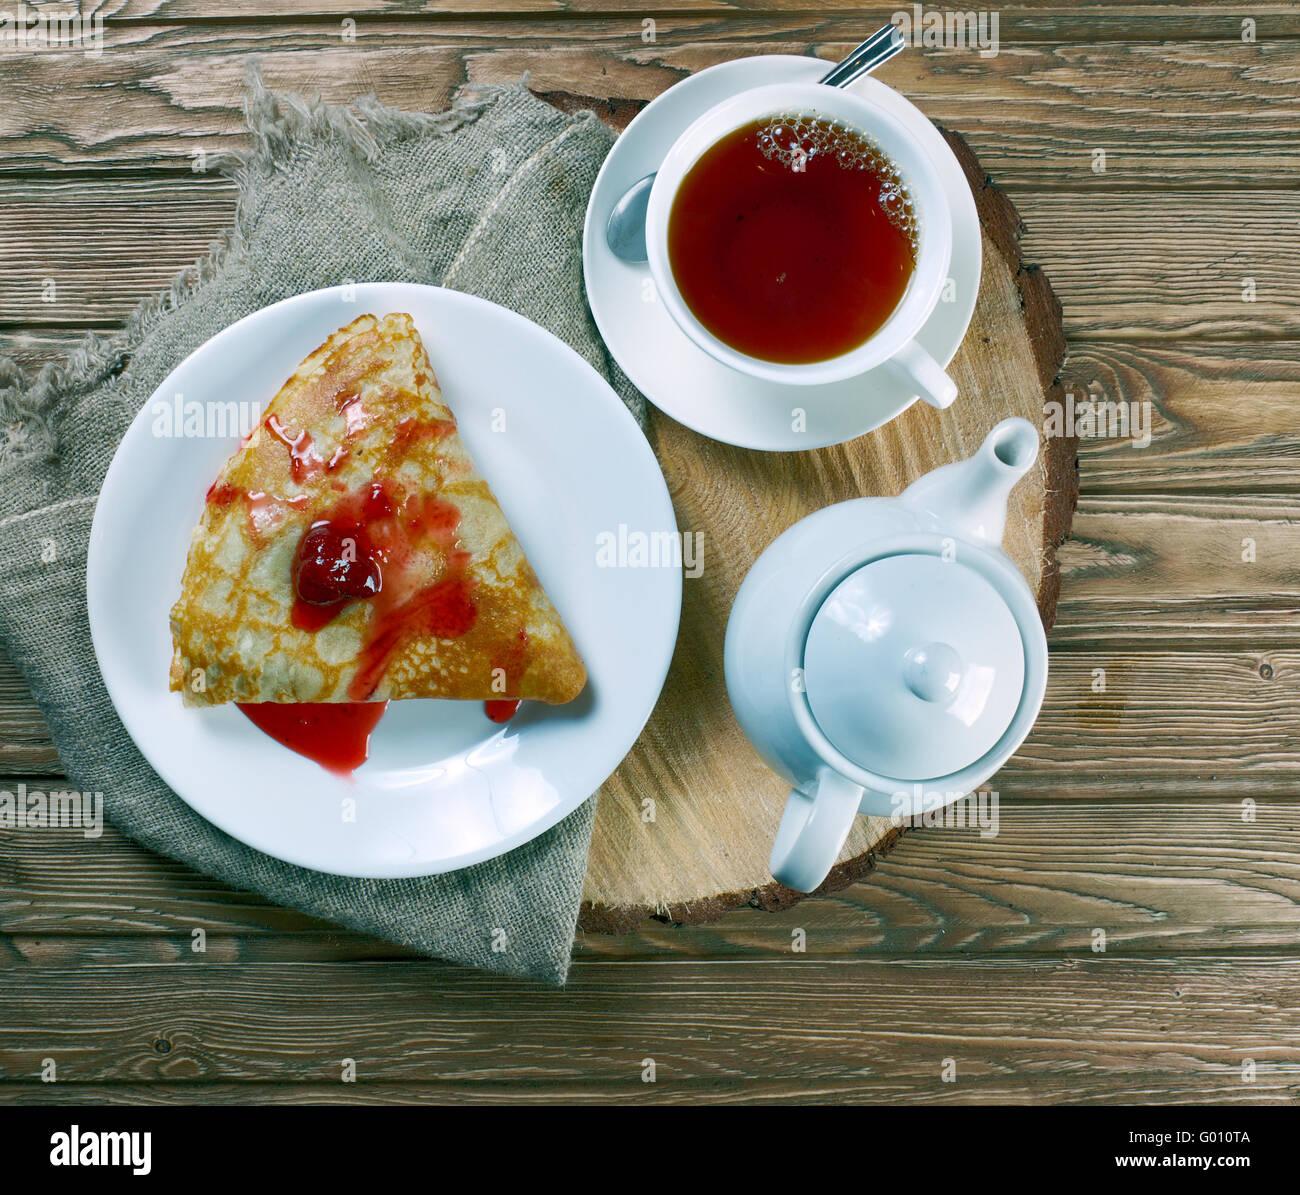 La tradizionale colazione russa crepes fatte in casa con for La casa toscana tradizionale